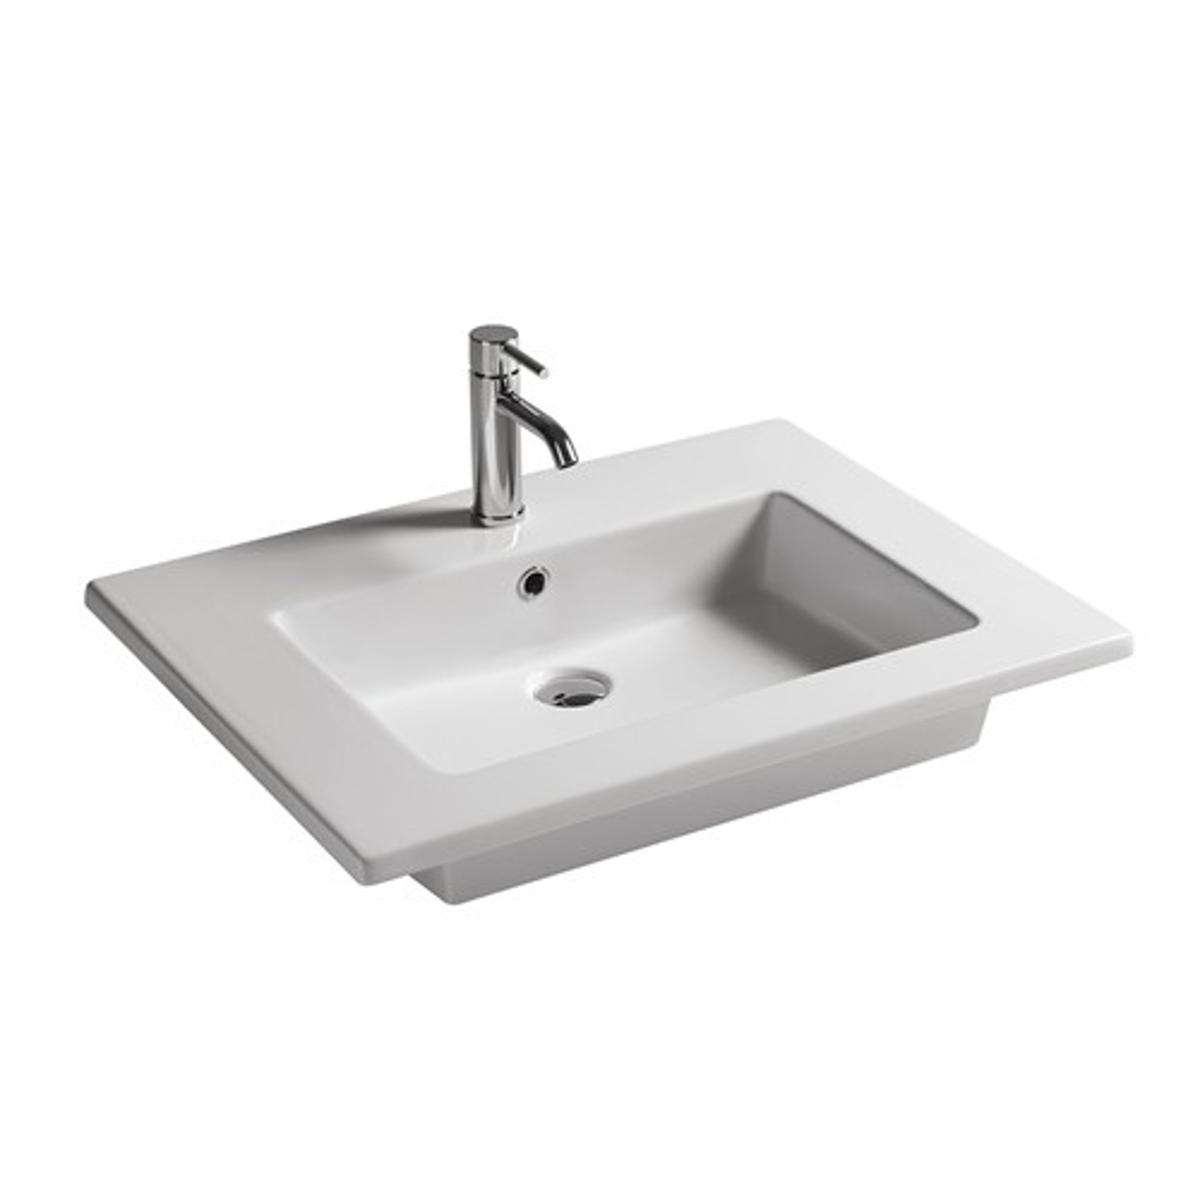 Lavabo sospeso 71x46 cm for Arredo bagno lavabo sospeso